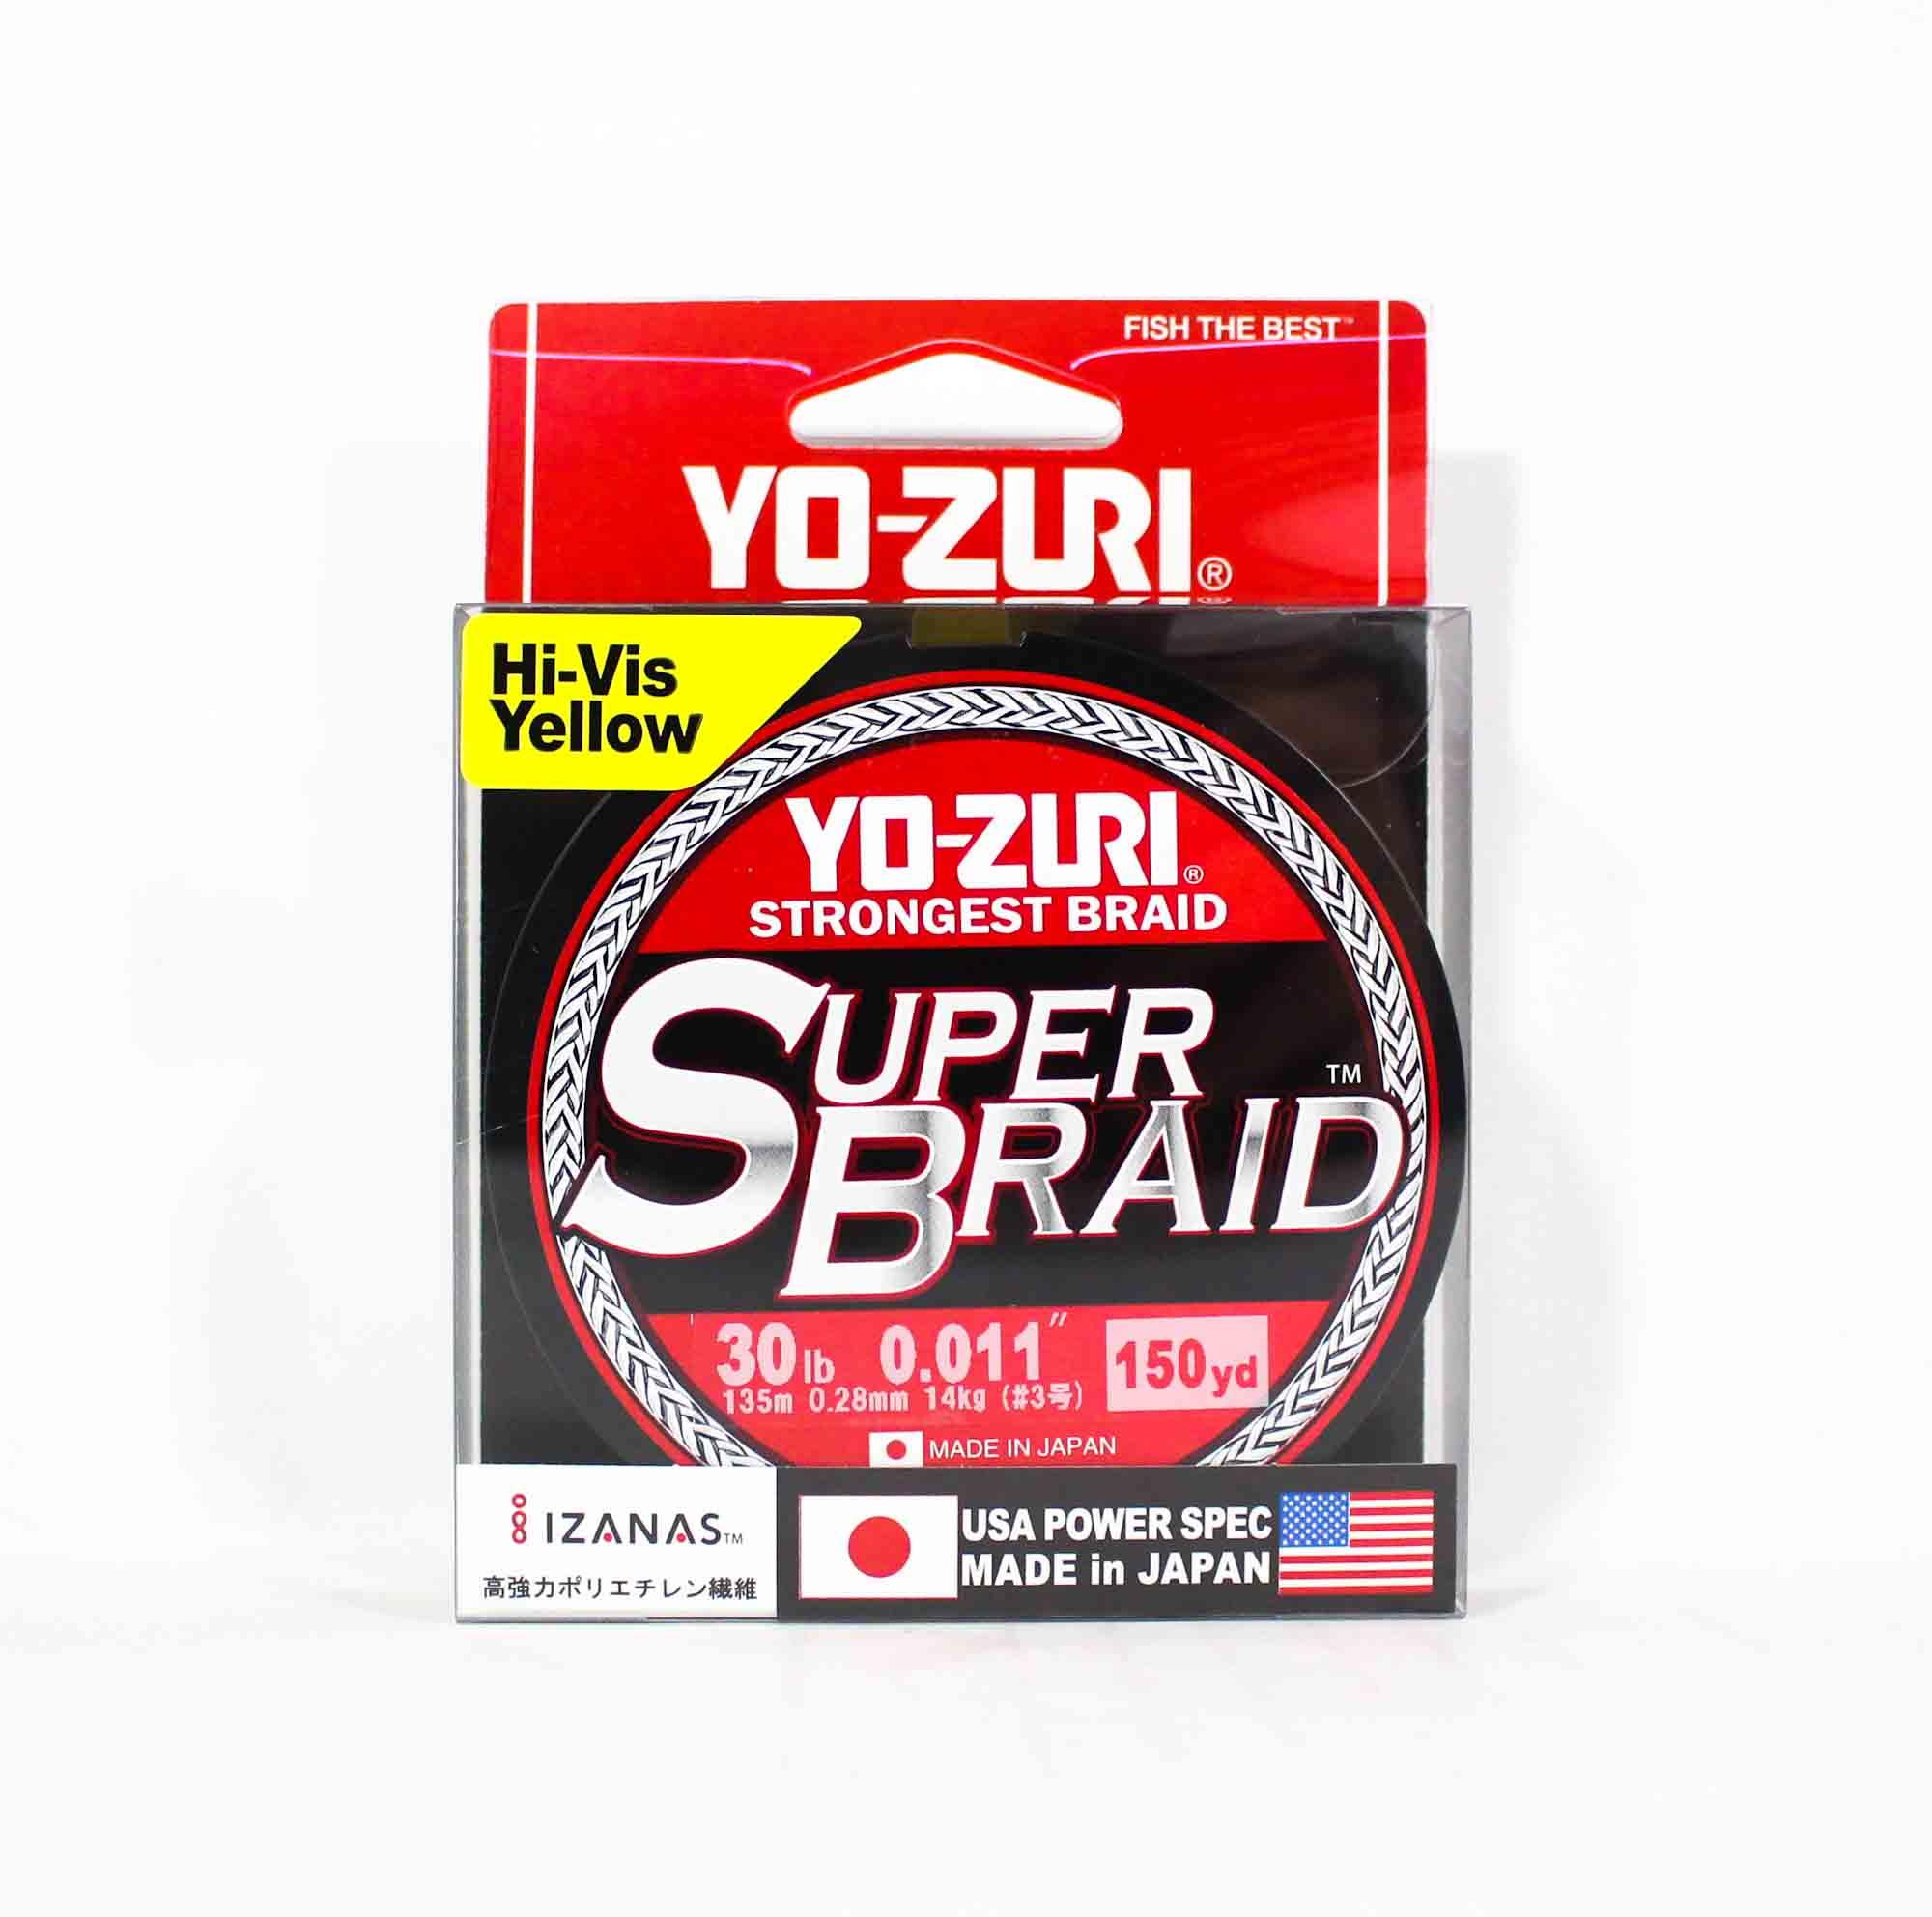 Yo Zuri Duel P.E Line Super Braid 150YDS 30Lbs (0.28mm) Yellow R1259-Y (5559)